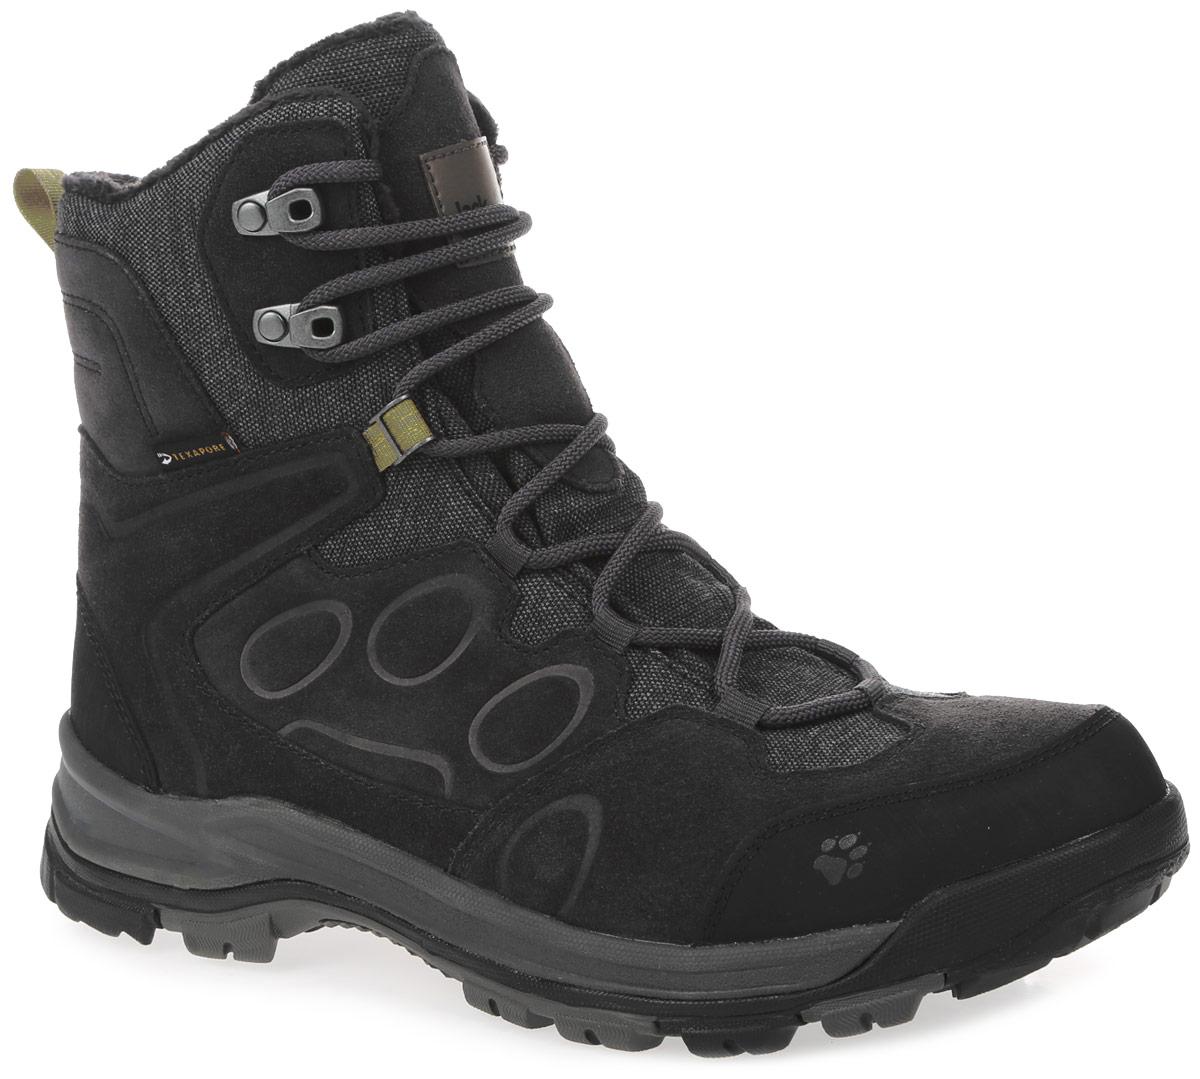 Ботинки трекинговые мужские Jack Wolfskin Thunder Bay Texapore High M, цвет: темно-серый. 4020491-6350080. Размер 10 (43)4020491-6350080Зимние ботинки Thunder Bay Texapore Hig М с теплой флисовой подкладкой с высоким уровнем тепла и комфорта, и водостойкой, дышащей мембраной, сохранят ваши ноги сухими и теплыми во время активных прогулок на природе. Голенище из замши и дышащей ткани надежно фиксирует щиколотку. Стабильная и устойчивая к скольжению туристическая подошва Wolf Snow с гибким носком и зимним профилем добавляет практичности и обеспечивает сцепление с поверхностью на снегу, льду или слякоти. Стильные и удобные ботинки обеспечат комфорт во время прогулок при температуре до -20 °C.